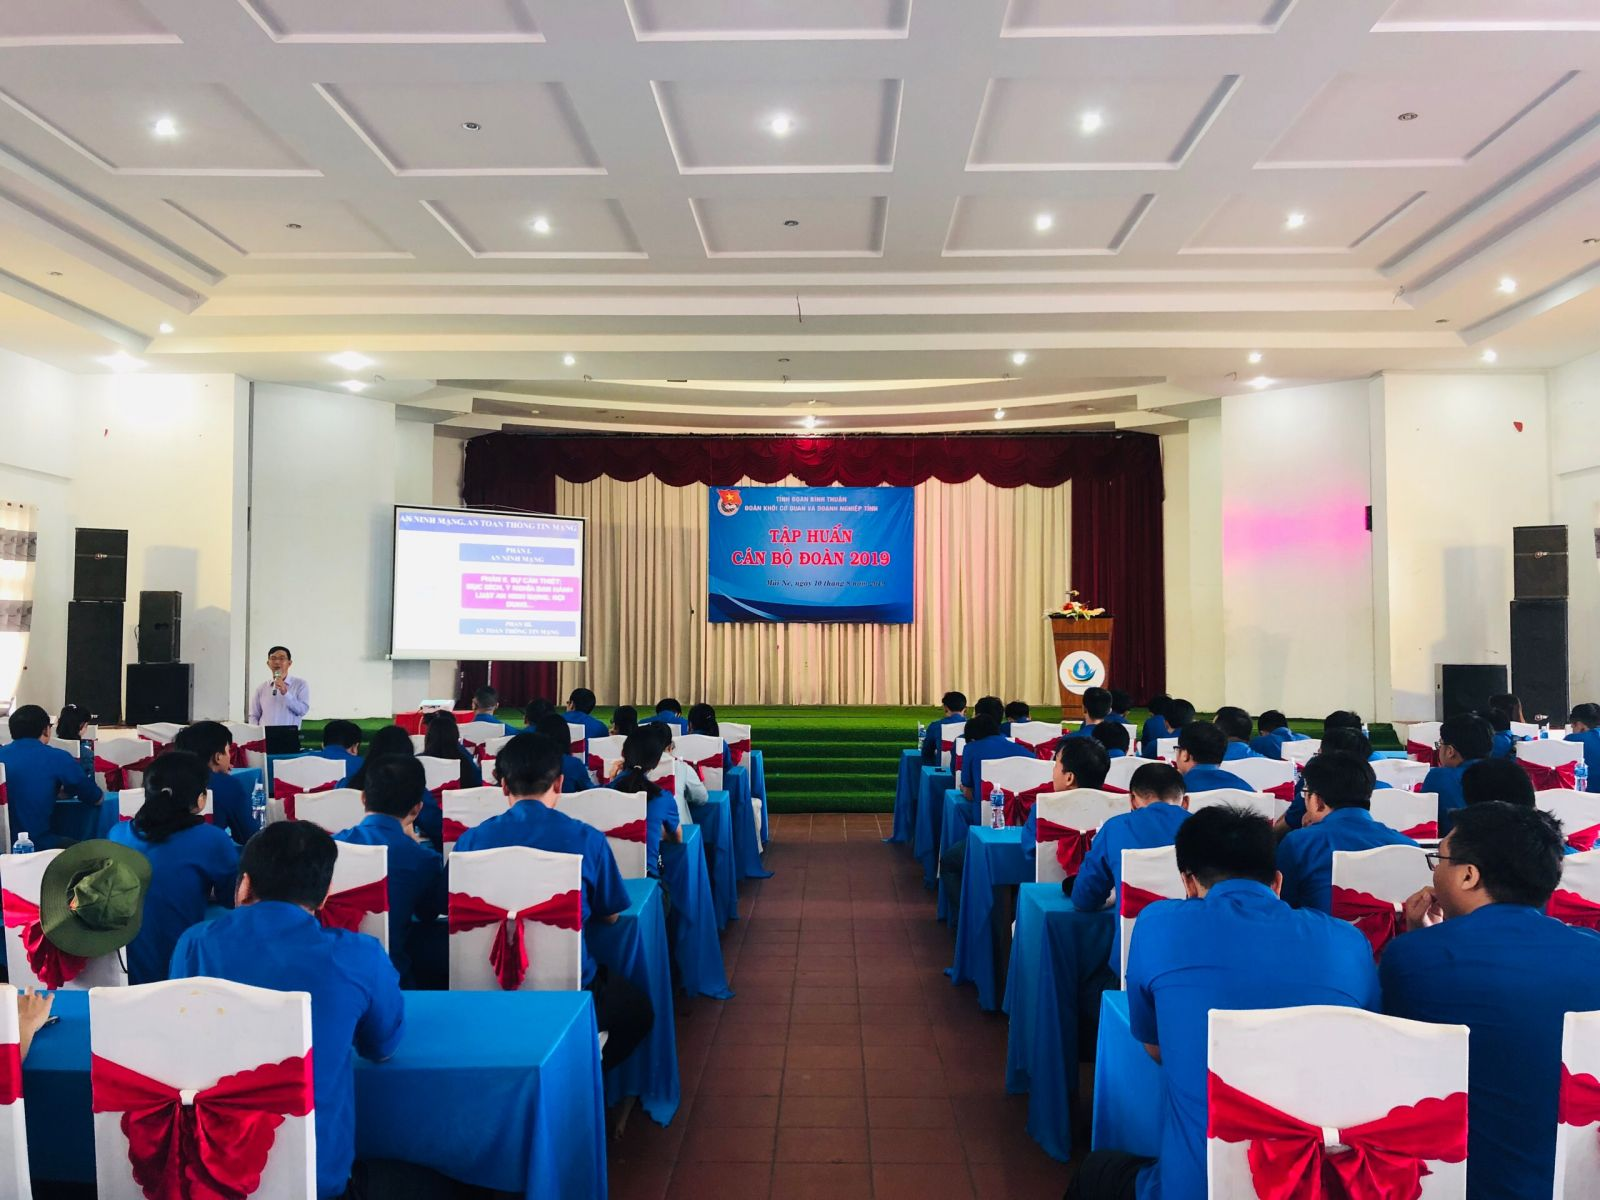 Hình Đoàn Khối cơ quan và doanh nghiệp tỉnh tổ chức lớp tập huấn và hội trại truyền thống 2019